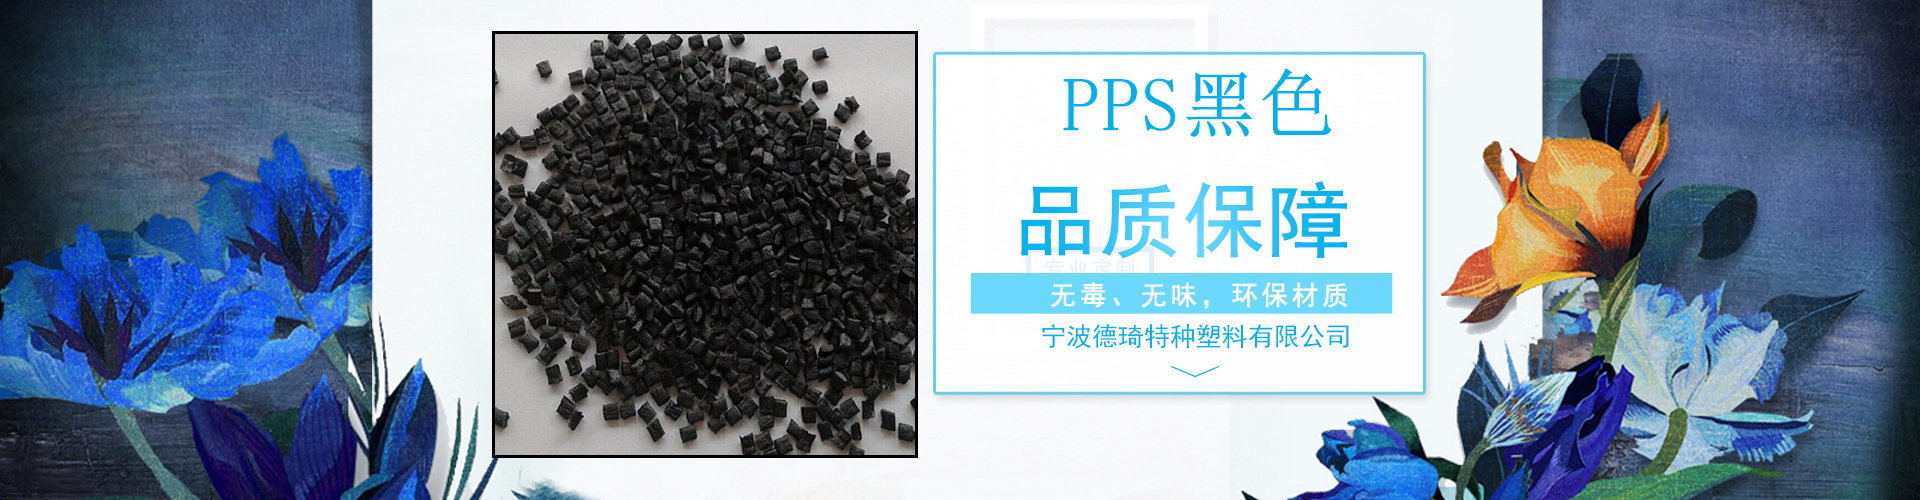 宁波德琦特种塑料有限公司